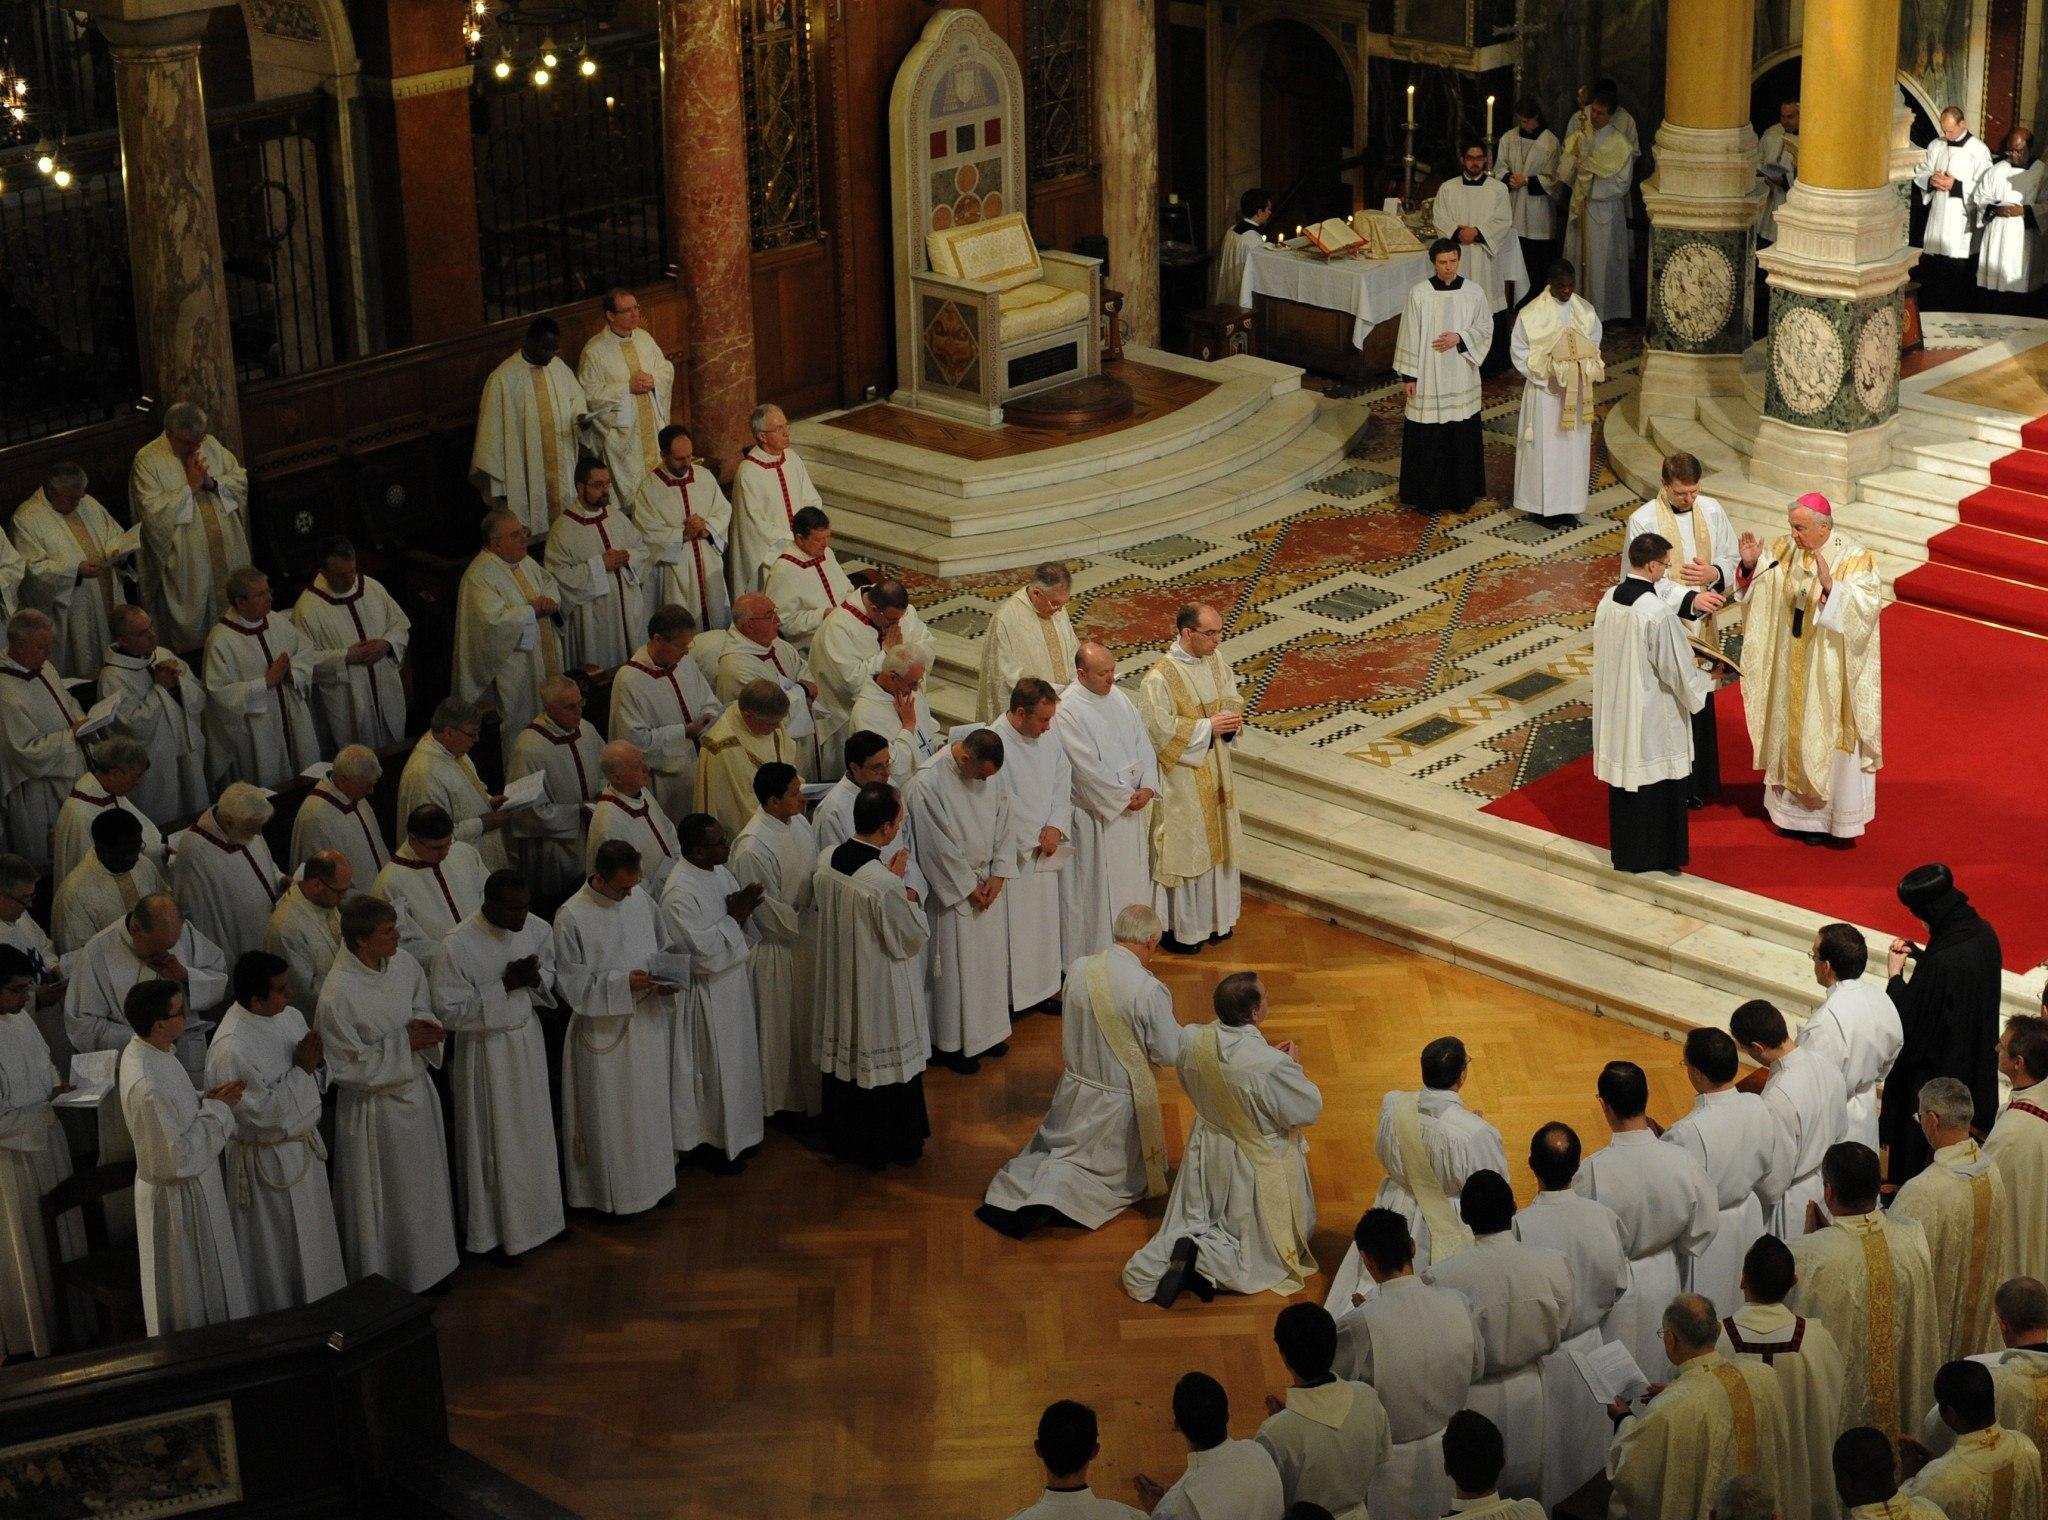 10 лет Апостольской Конституции Бенедикта XVI, благодаря которой в Католической Церкви появился «англиканский обряд»